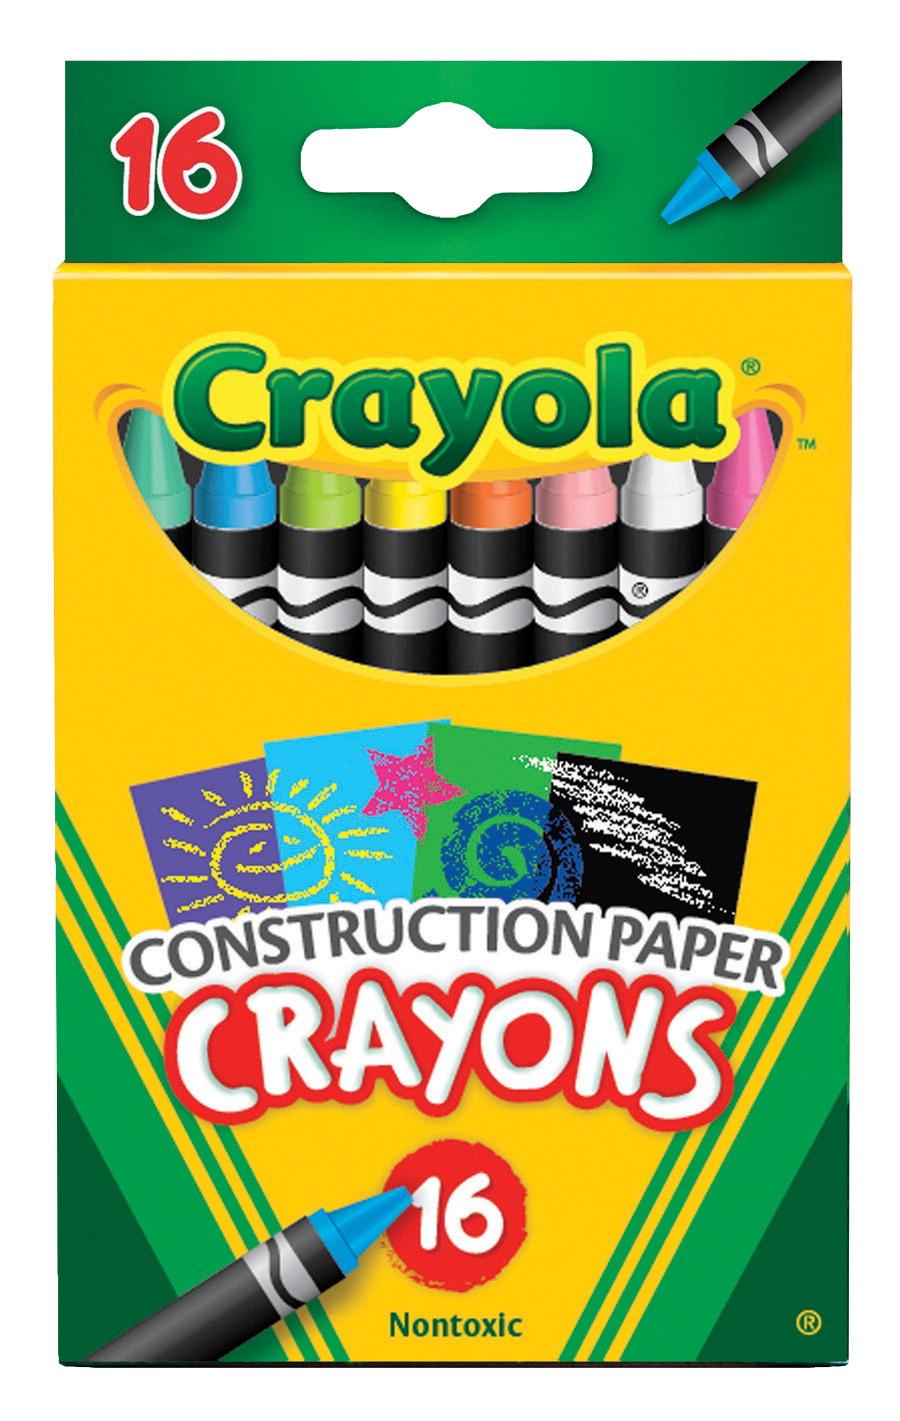 Crayola Construction Paper Crayons